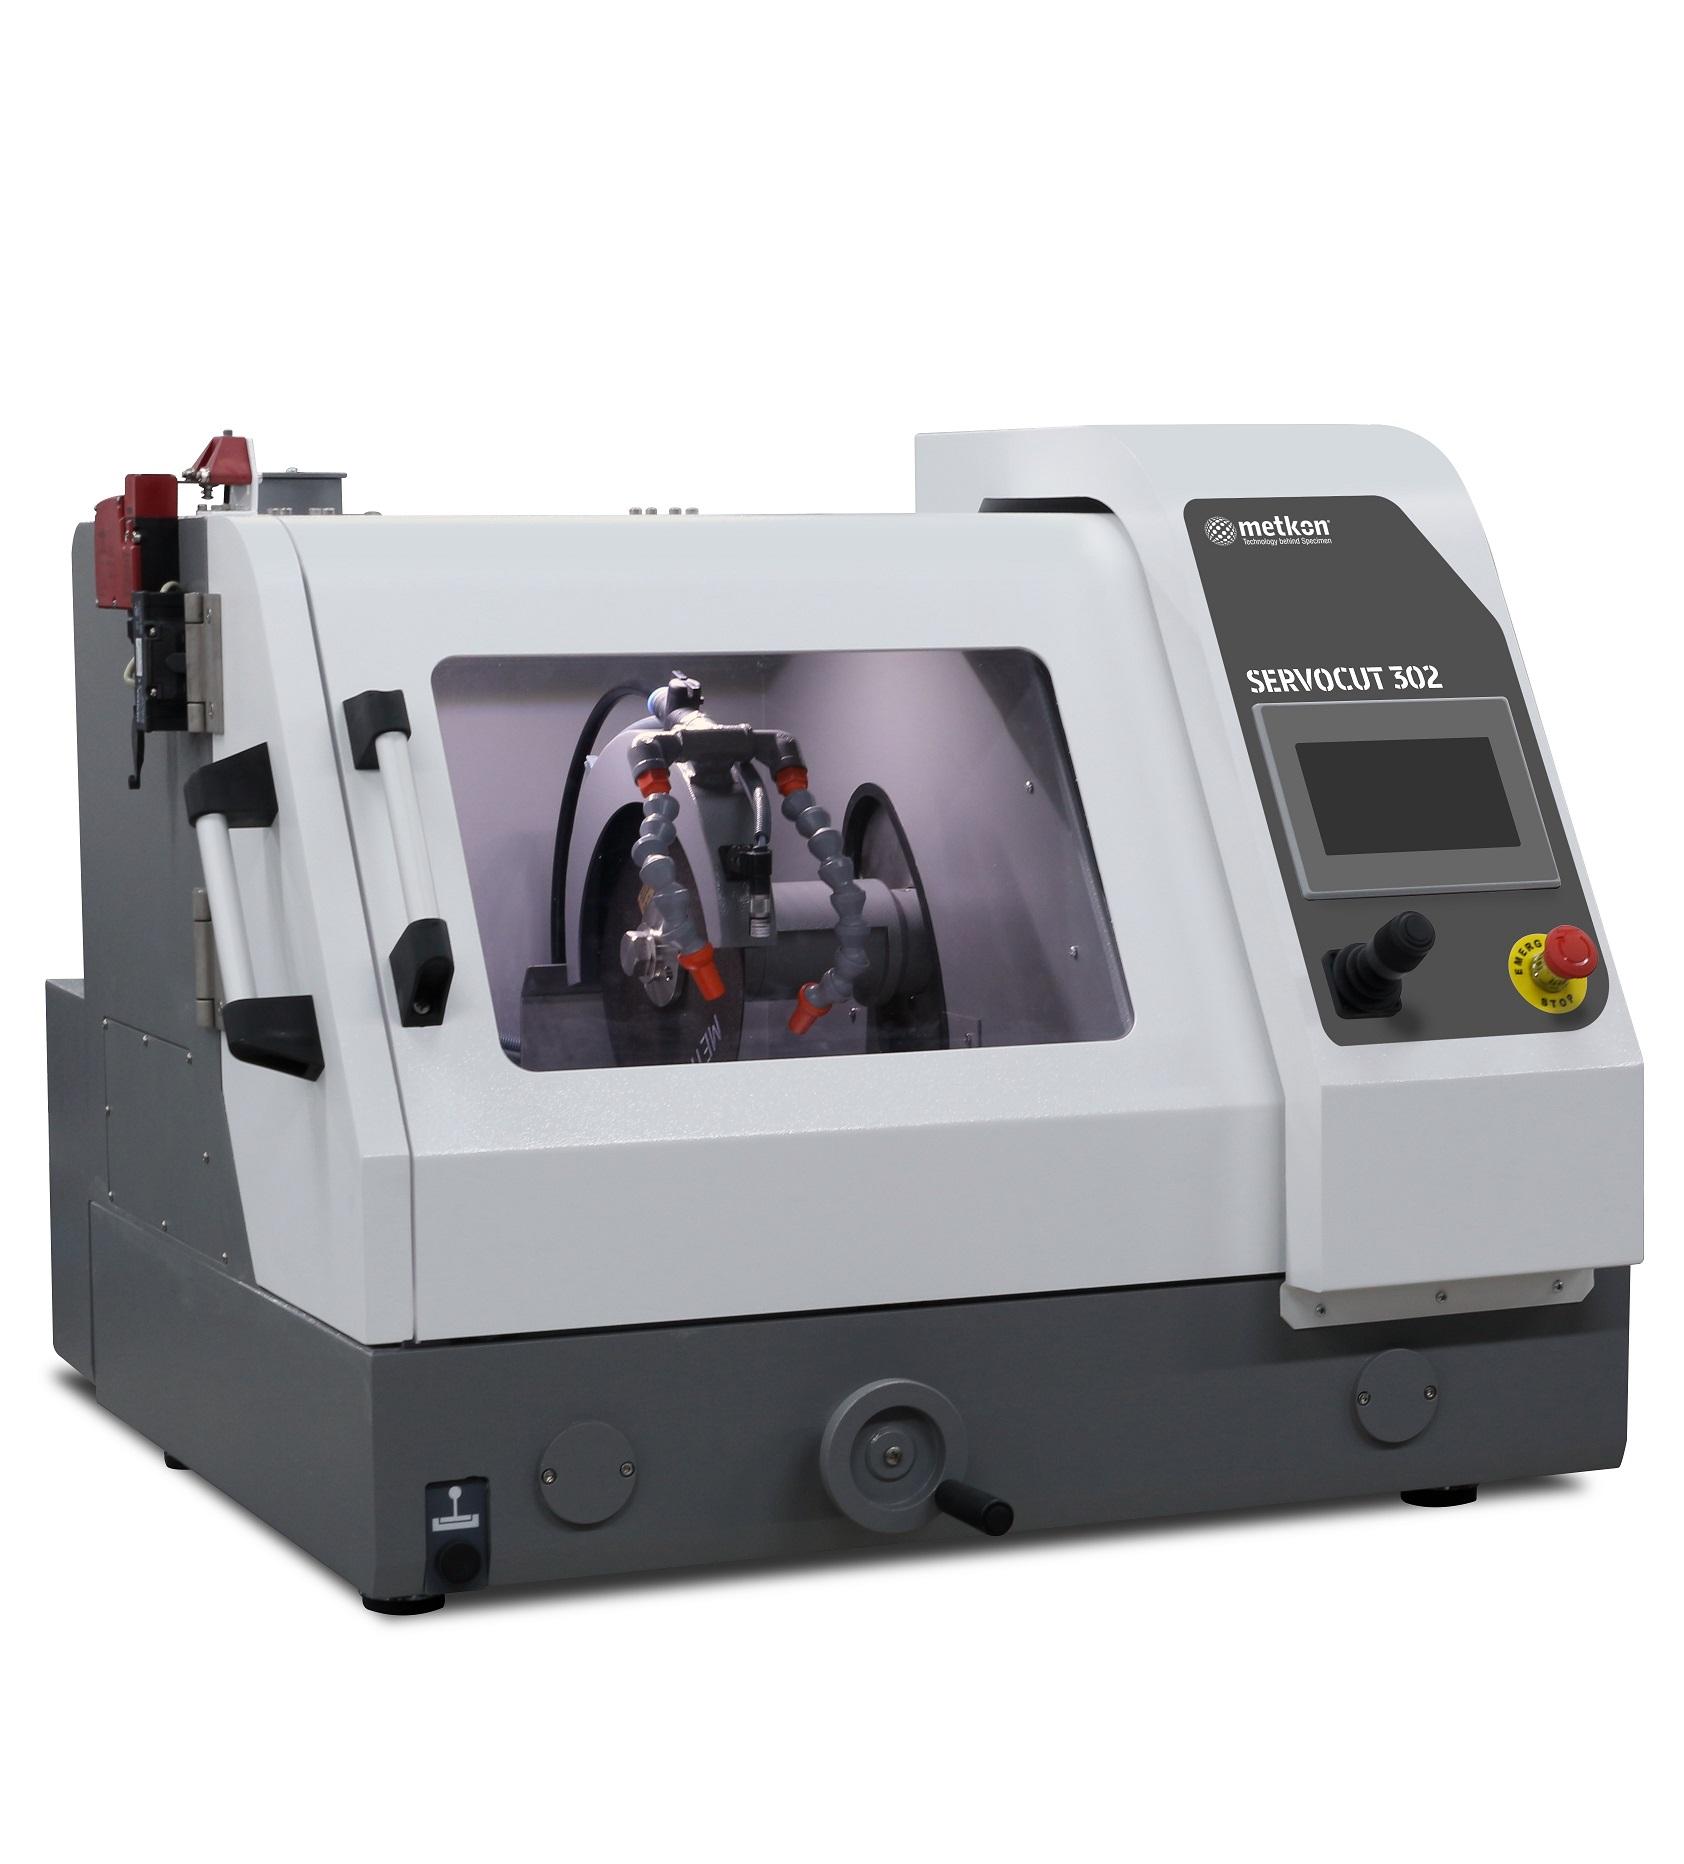 ServoCut 302 abrazív vágógép termékcsalád